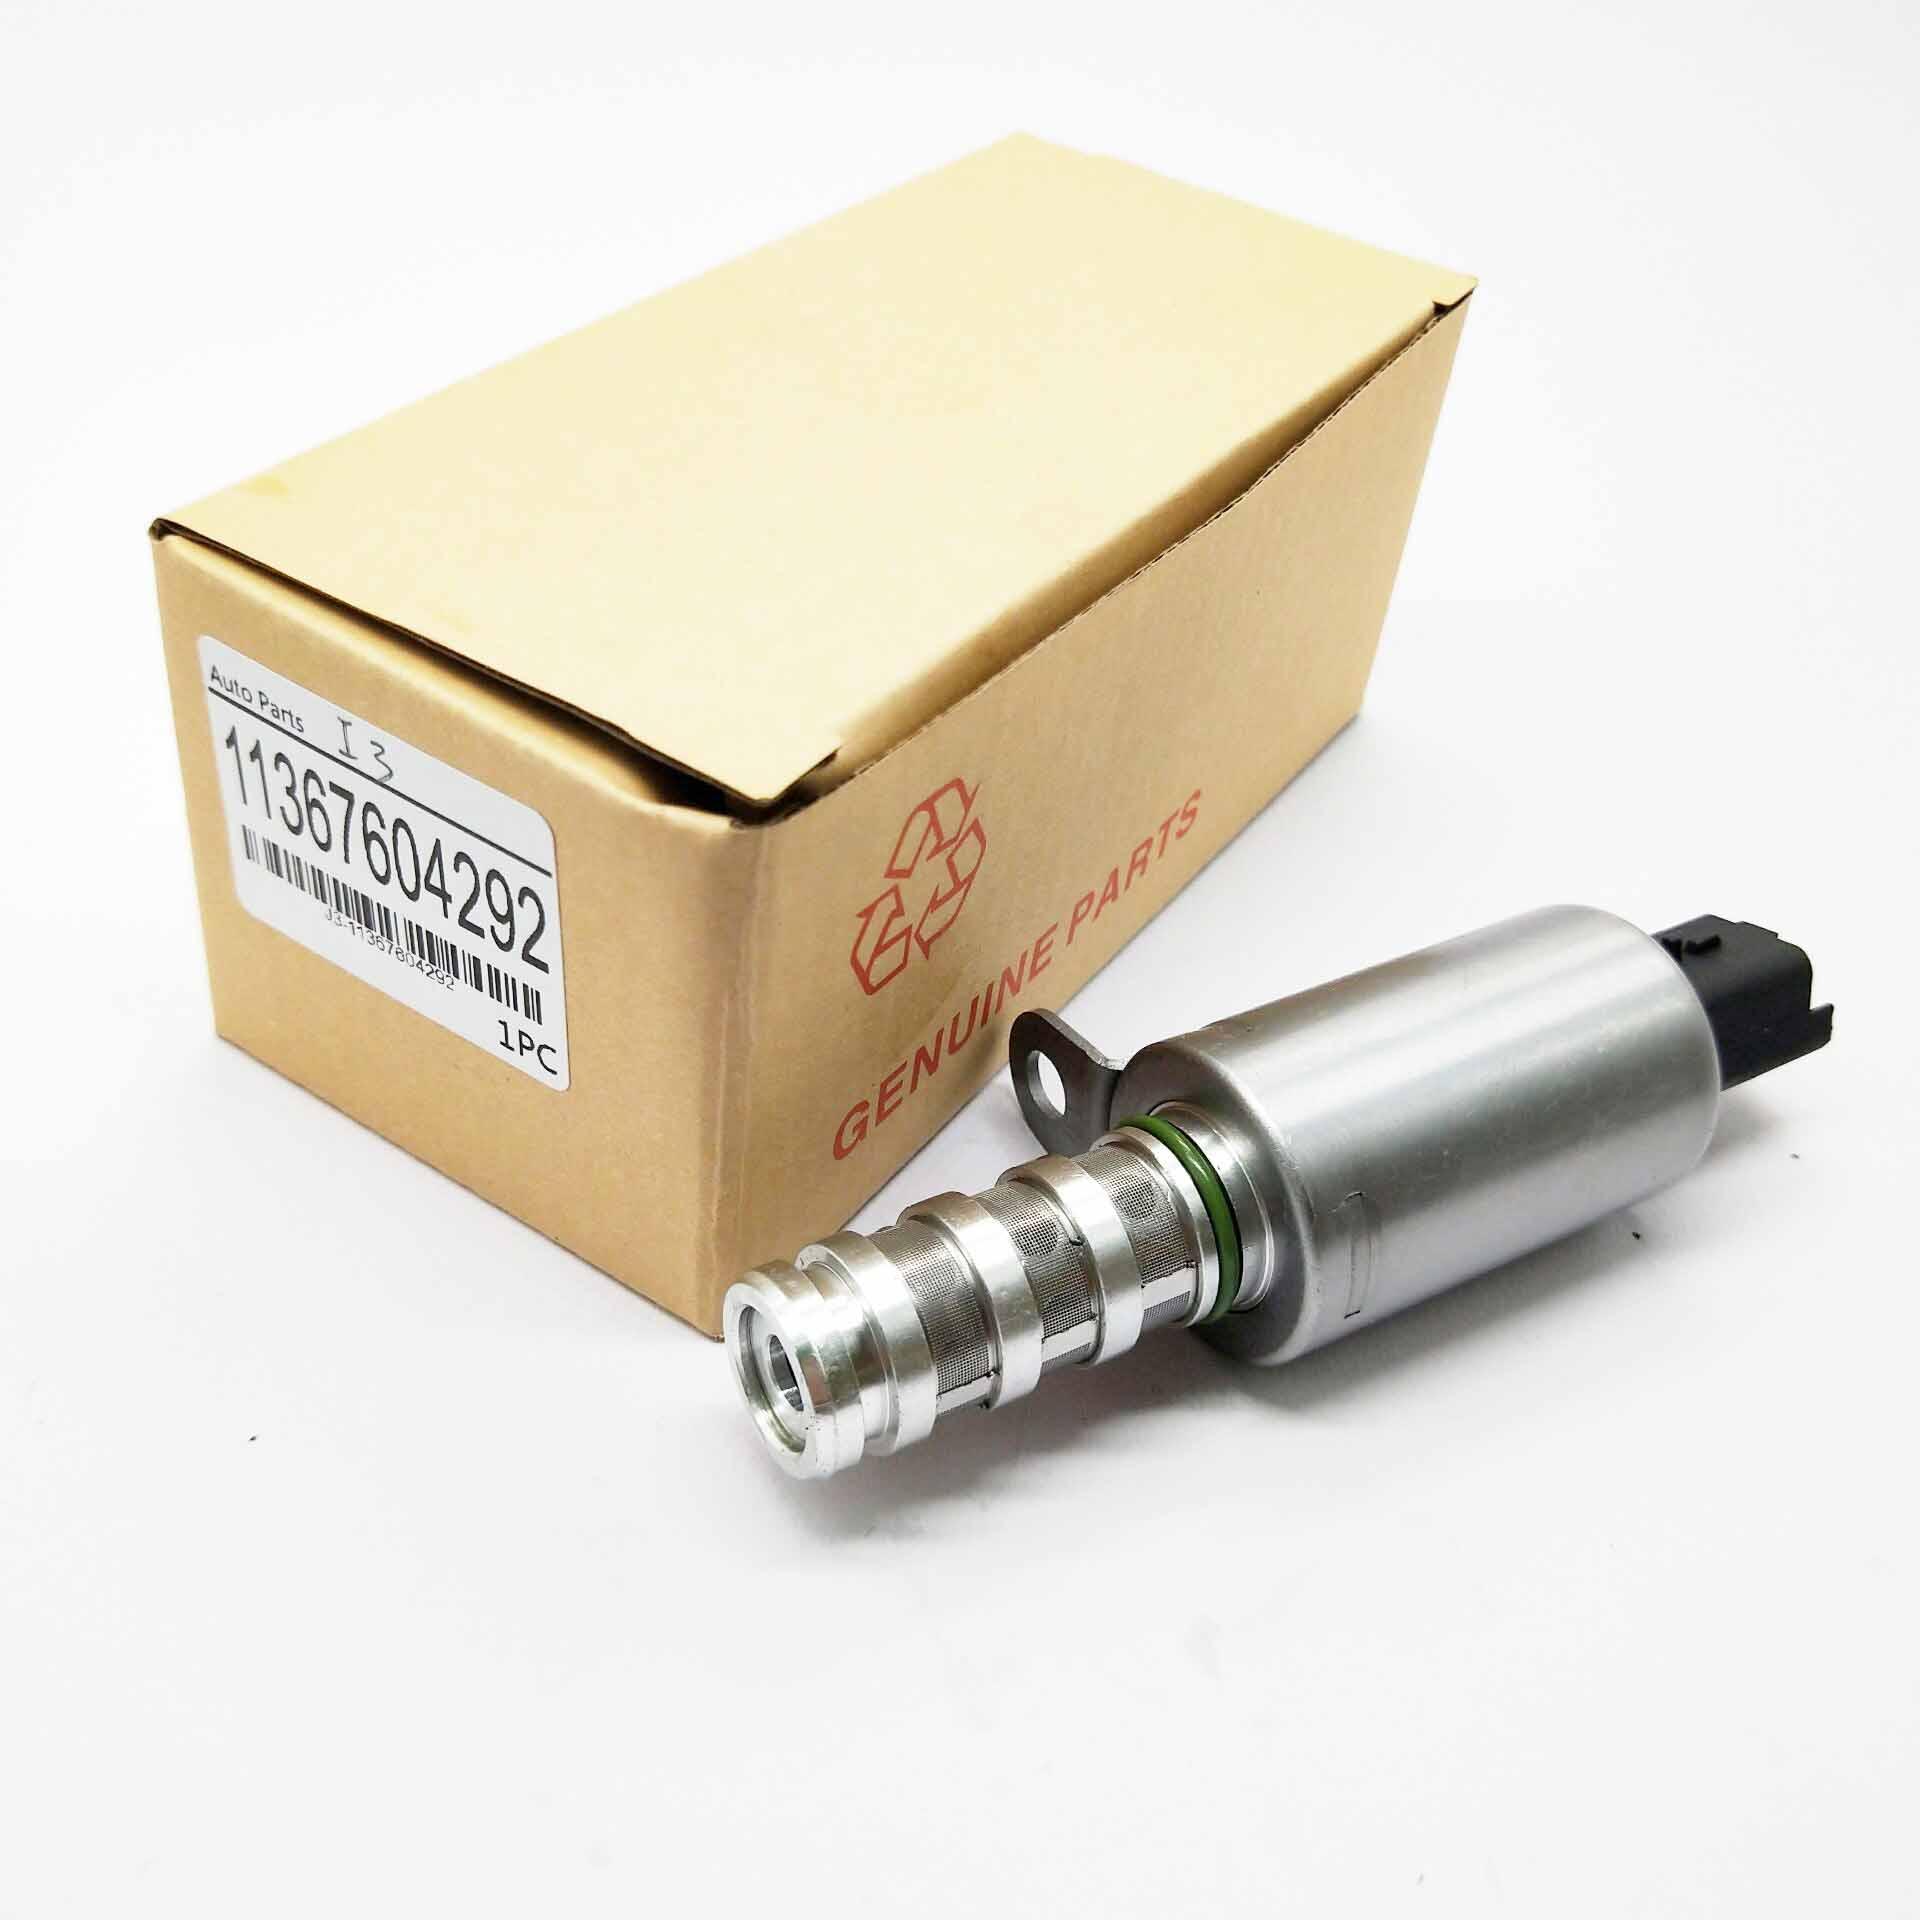 11367604292 переменный клапан синхронизации управления соленоида Vanos для Citroen peugeot 1,6 THP V758776080 11367587760 11368610388